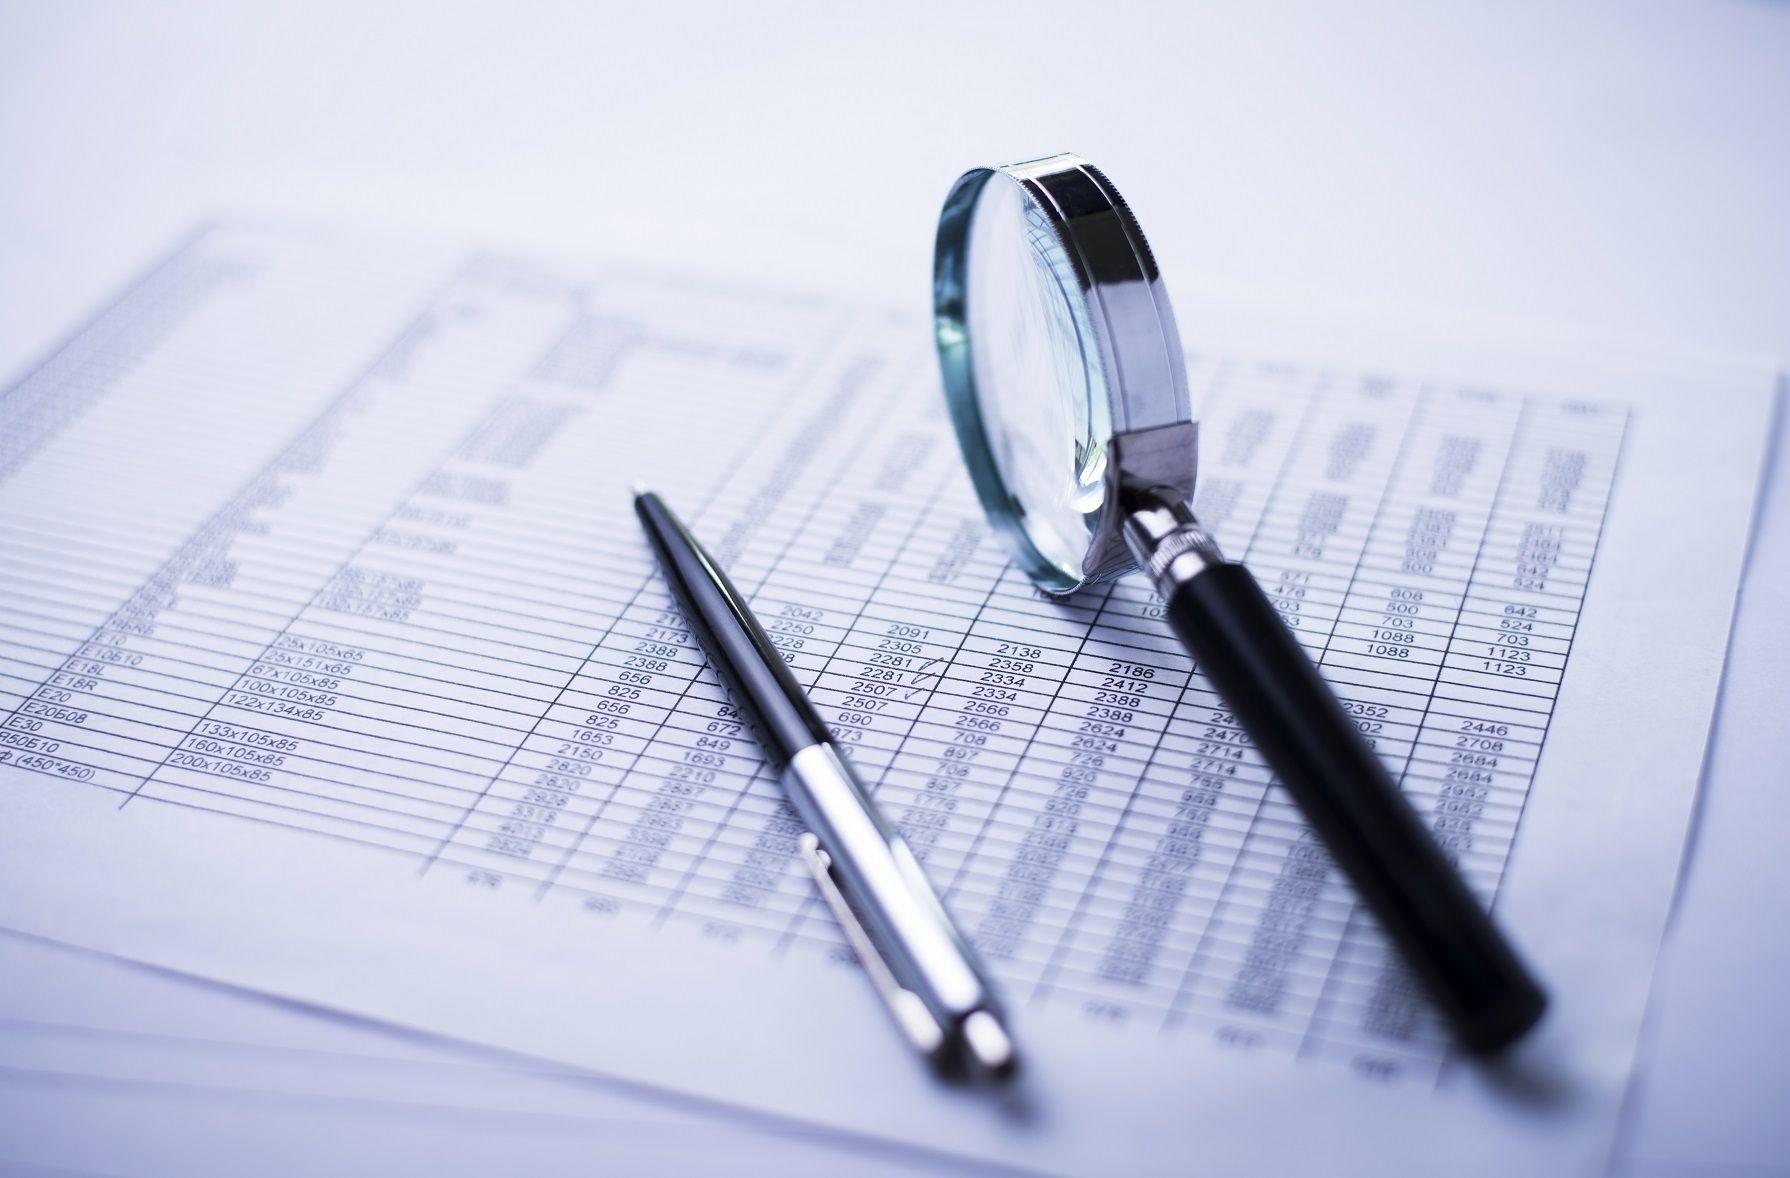 Международный совет по стандартам бухгалтерского учета проконсультировал по новым стандартам выручки и трансфертных расходов